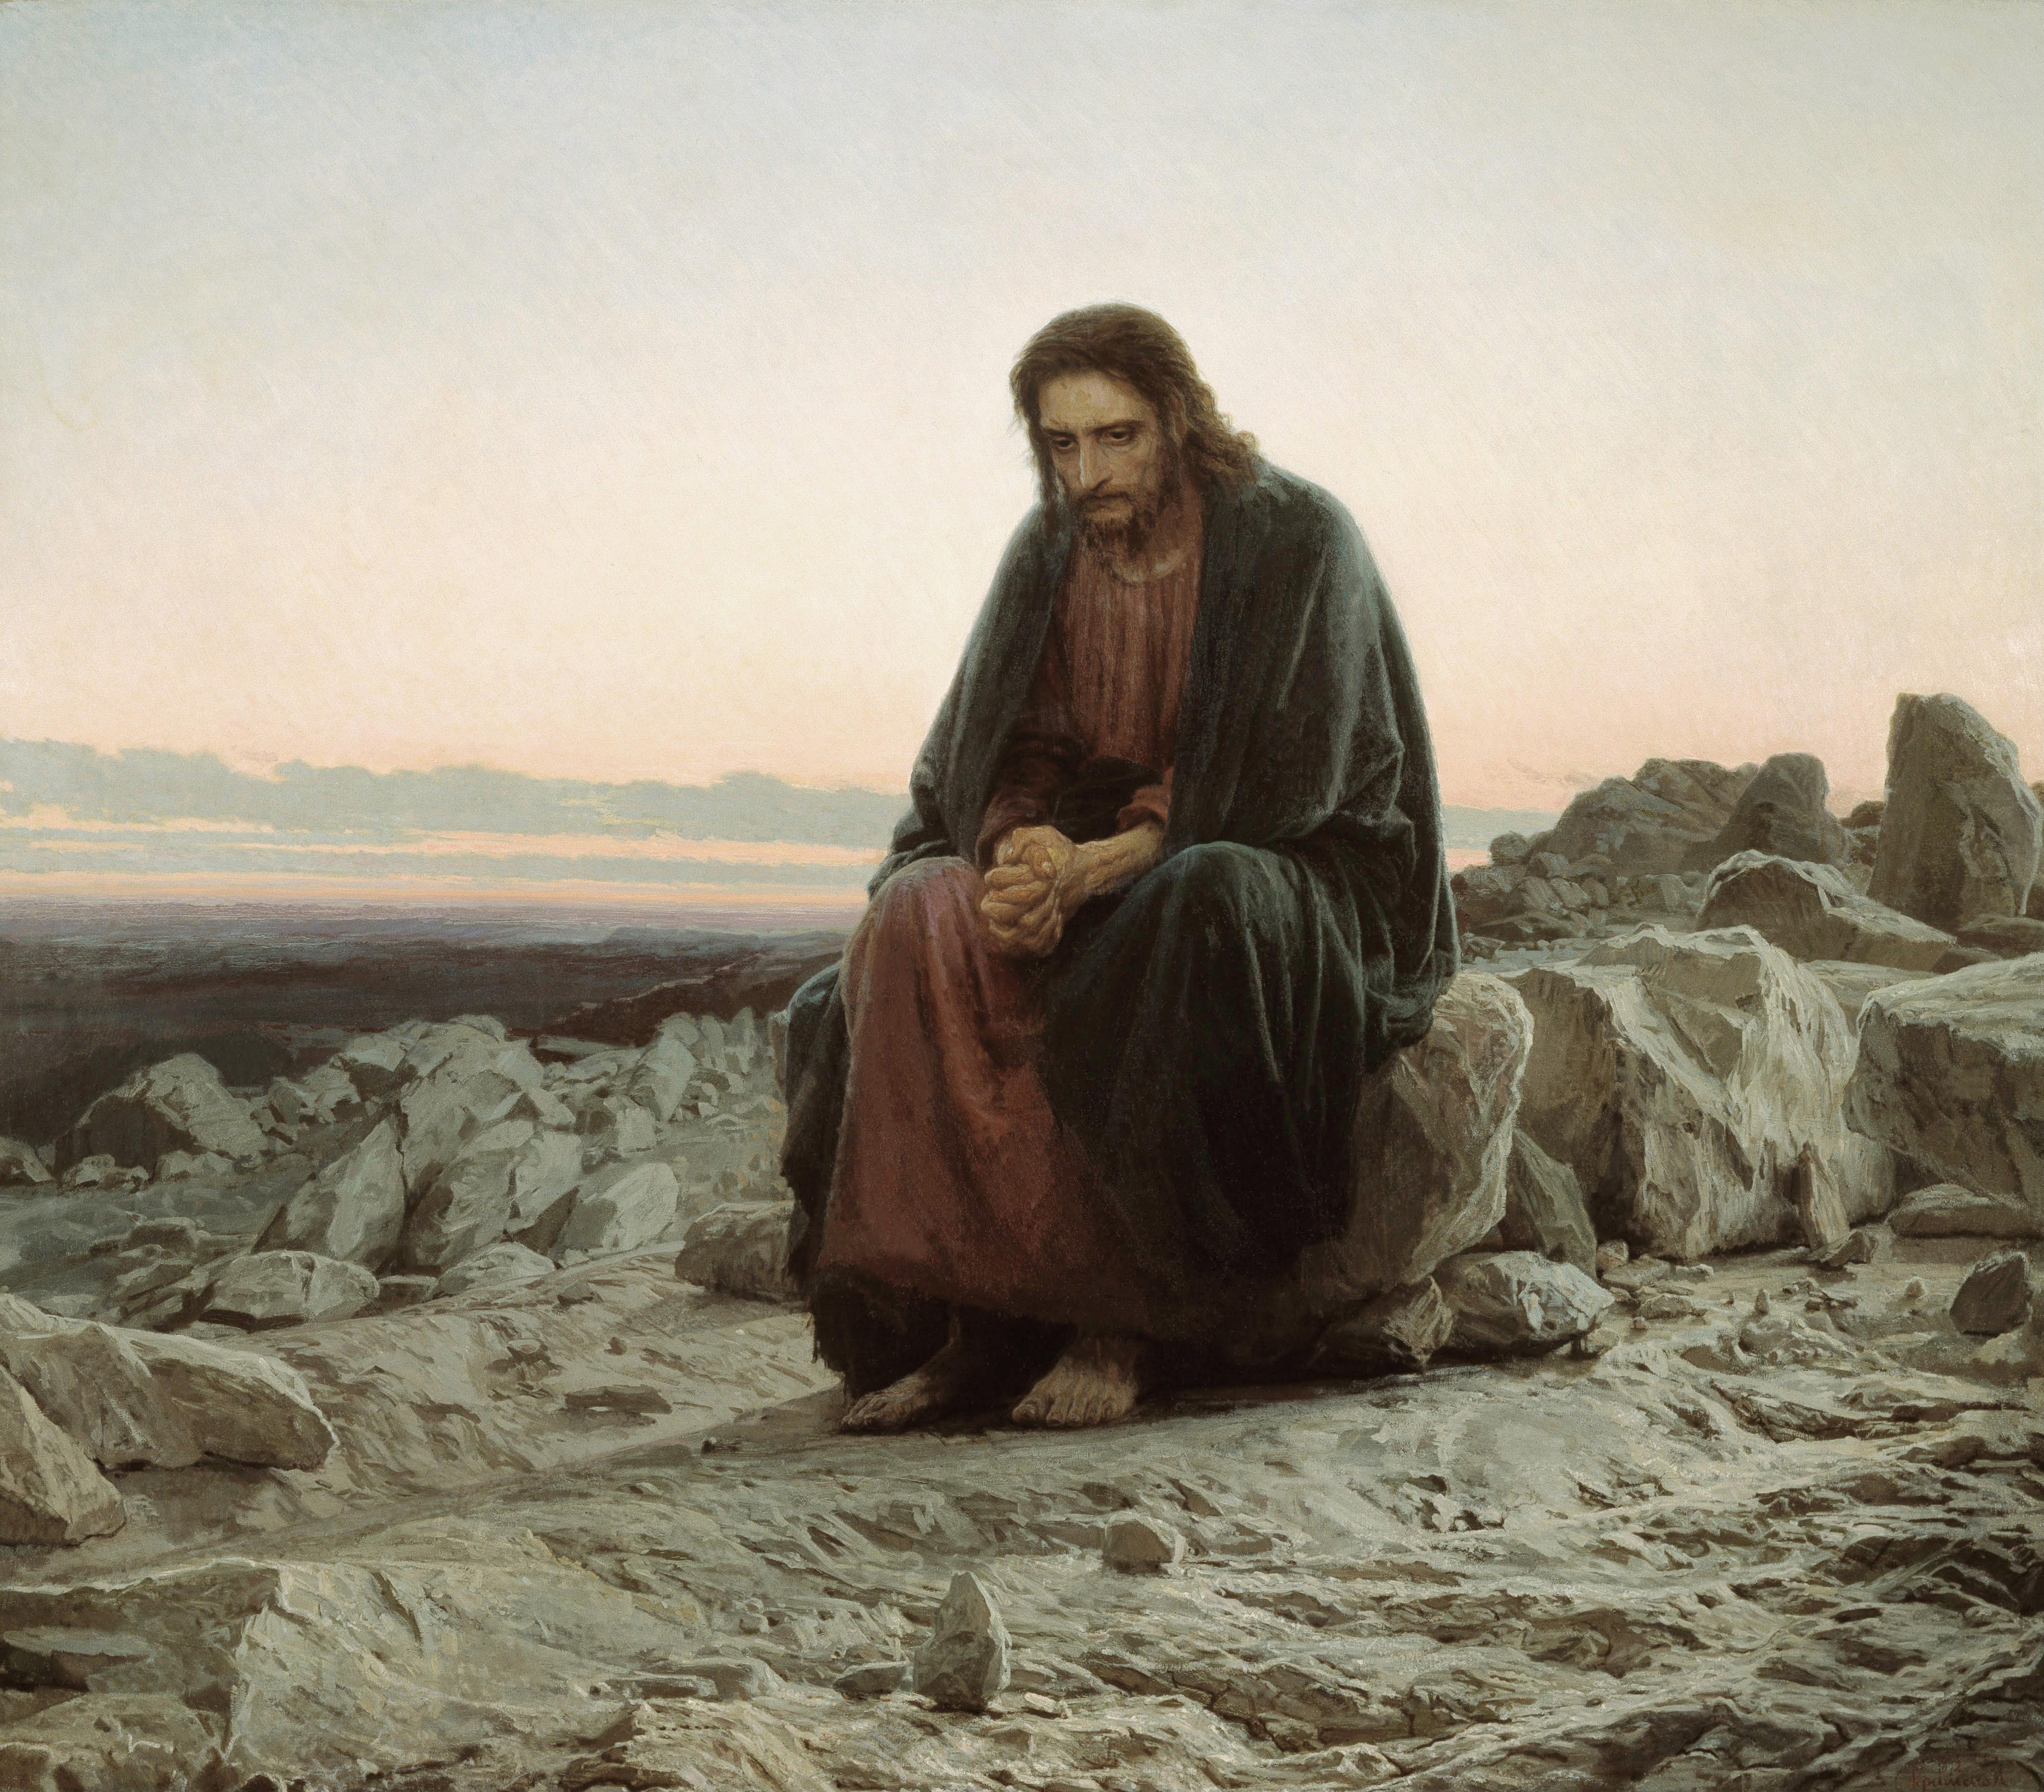 Христос в пустыне. И. Крамской. 1872 г.  Государственная Третьяковская галерея